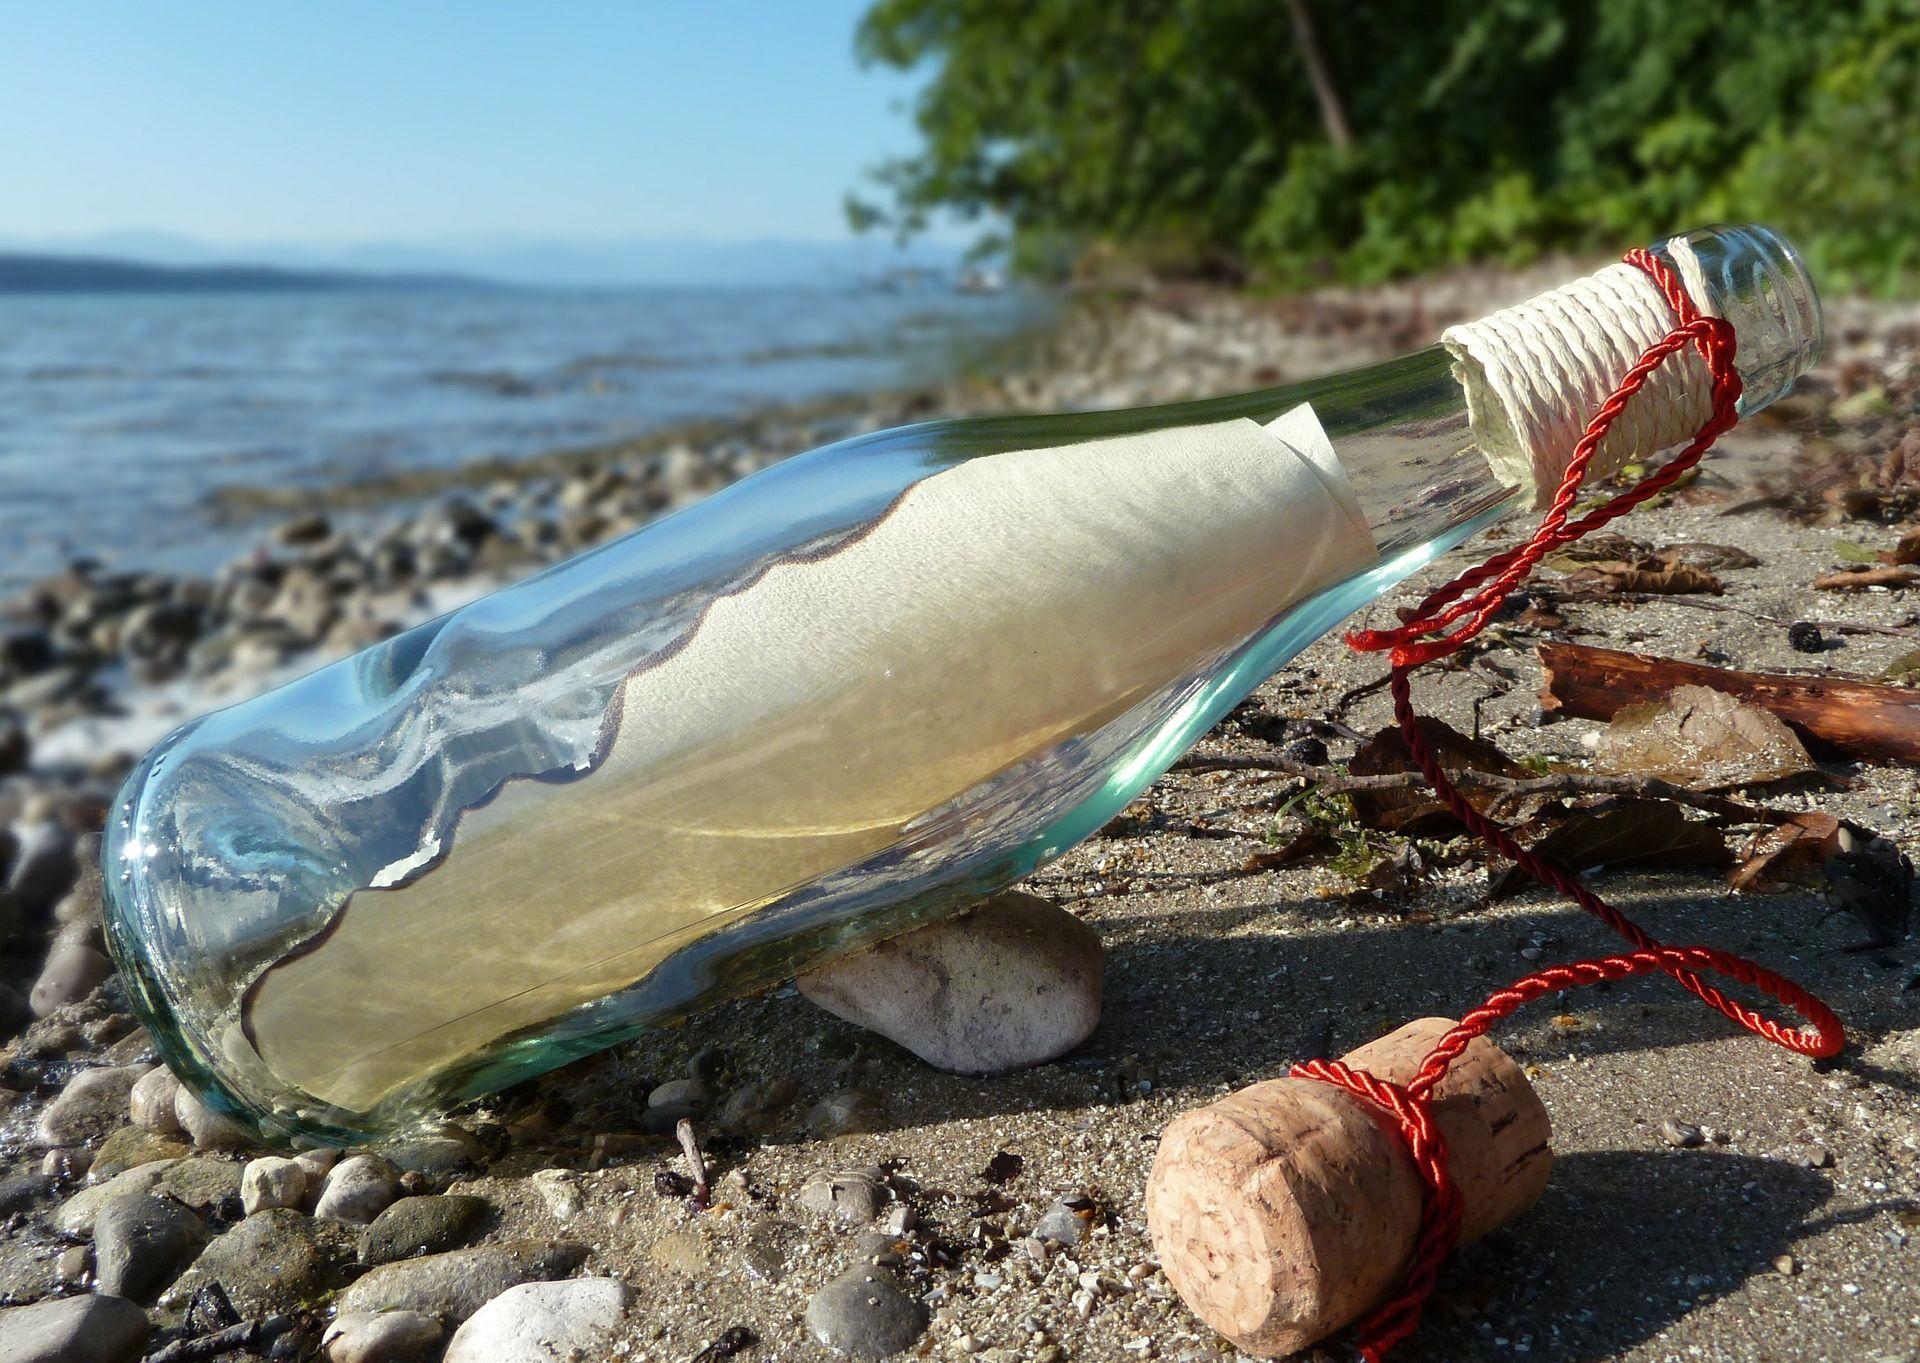 ČEKA SE POTVRDA GUINNESSA Pronađena najstarija poruka u boci, u moru provela 108 godina